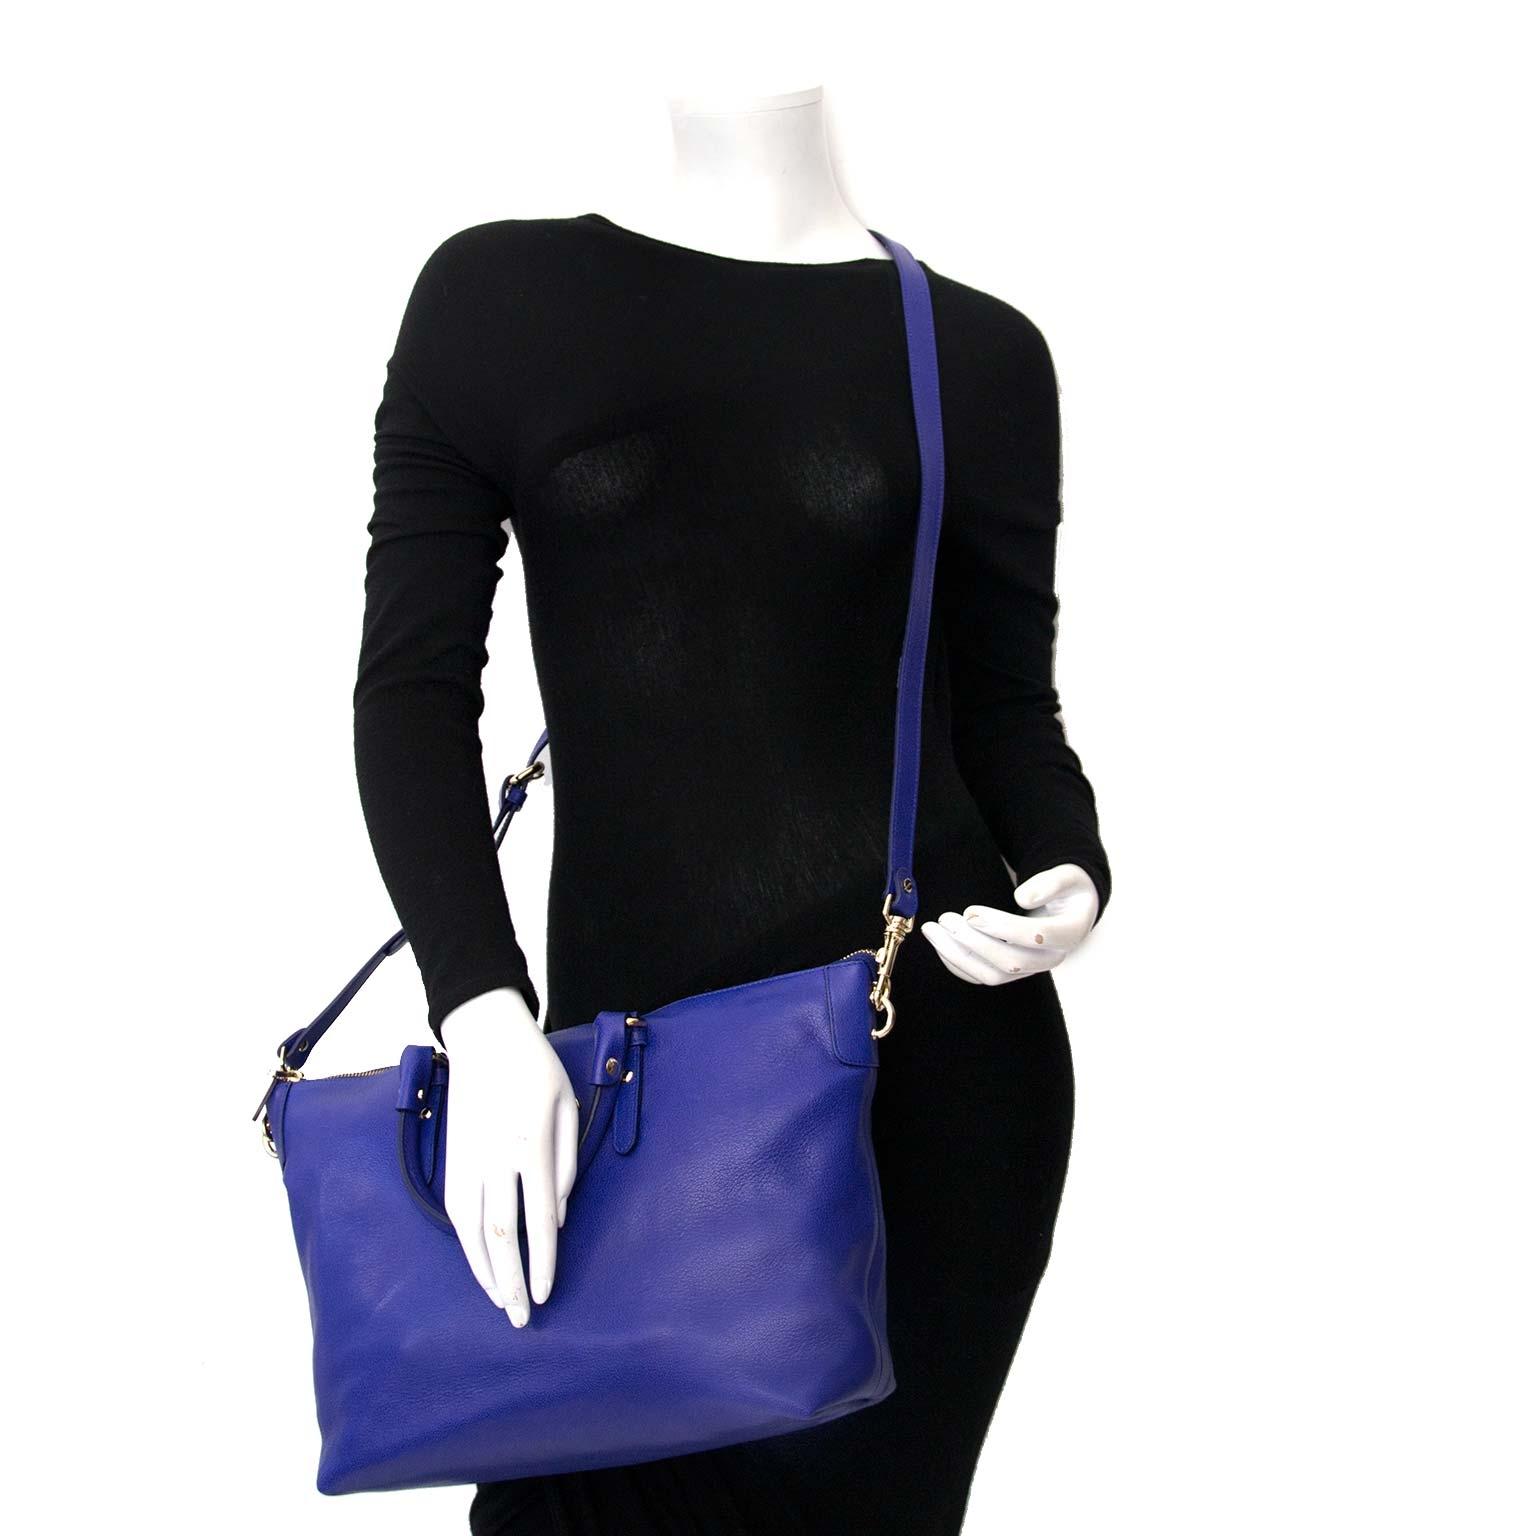 Koop uw authentieke designer handtas van Versace aan de beste prijs bij Labellov